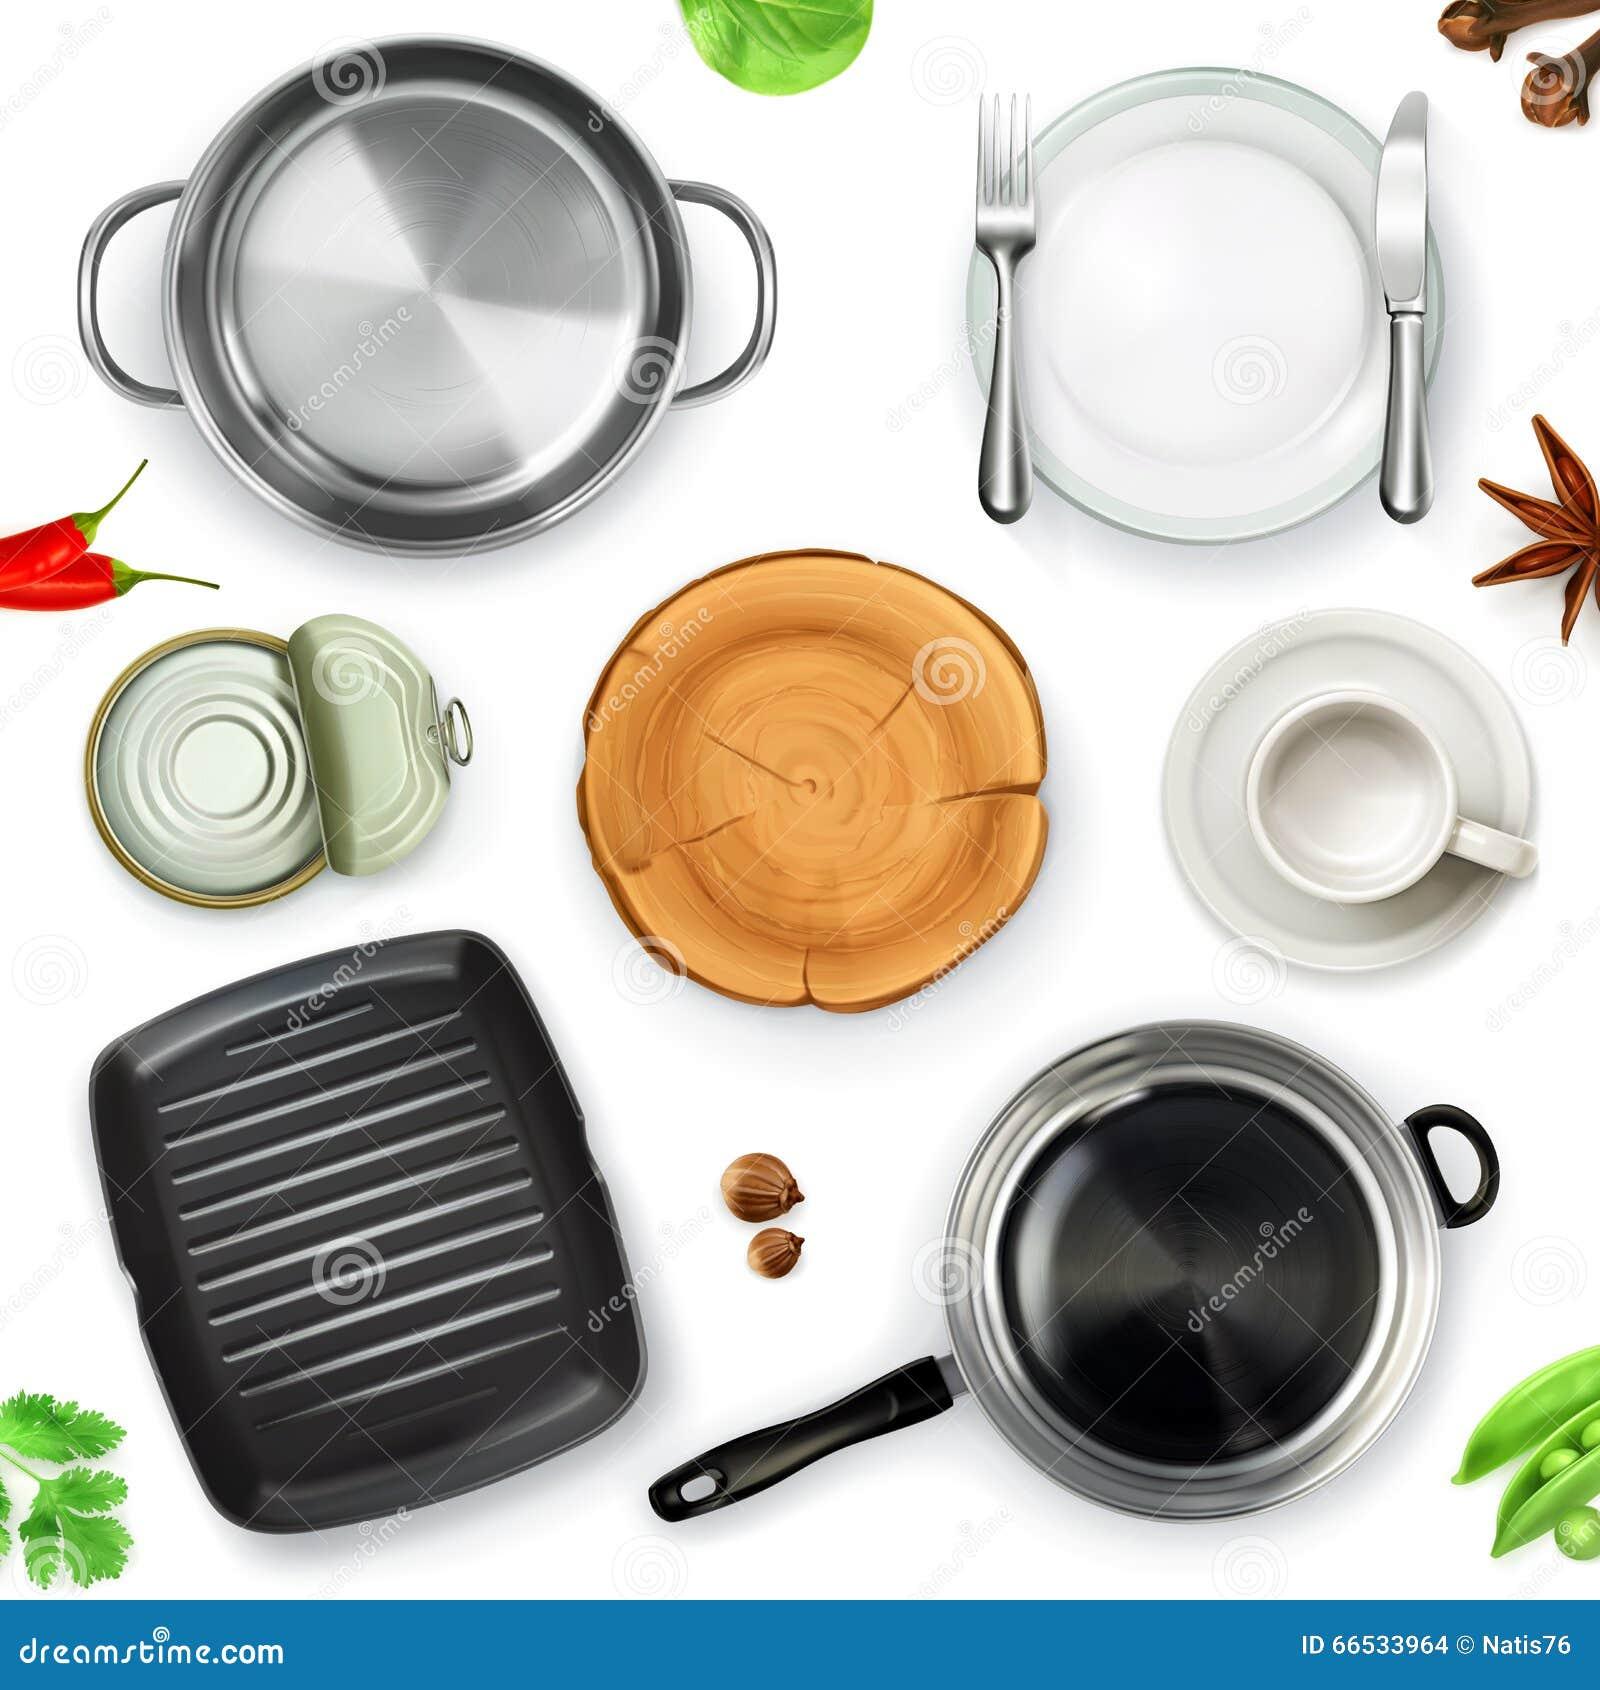 Kitchen Set Top View: List Of Kitchen Utensils A To Z. Kitchen Utensils Royalty